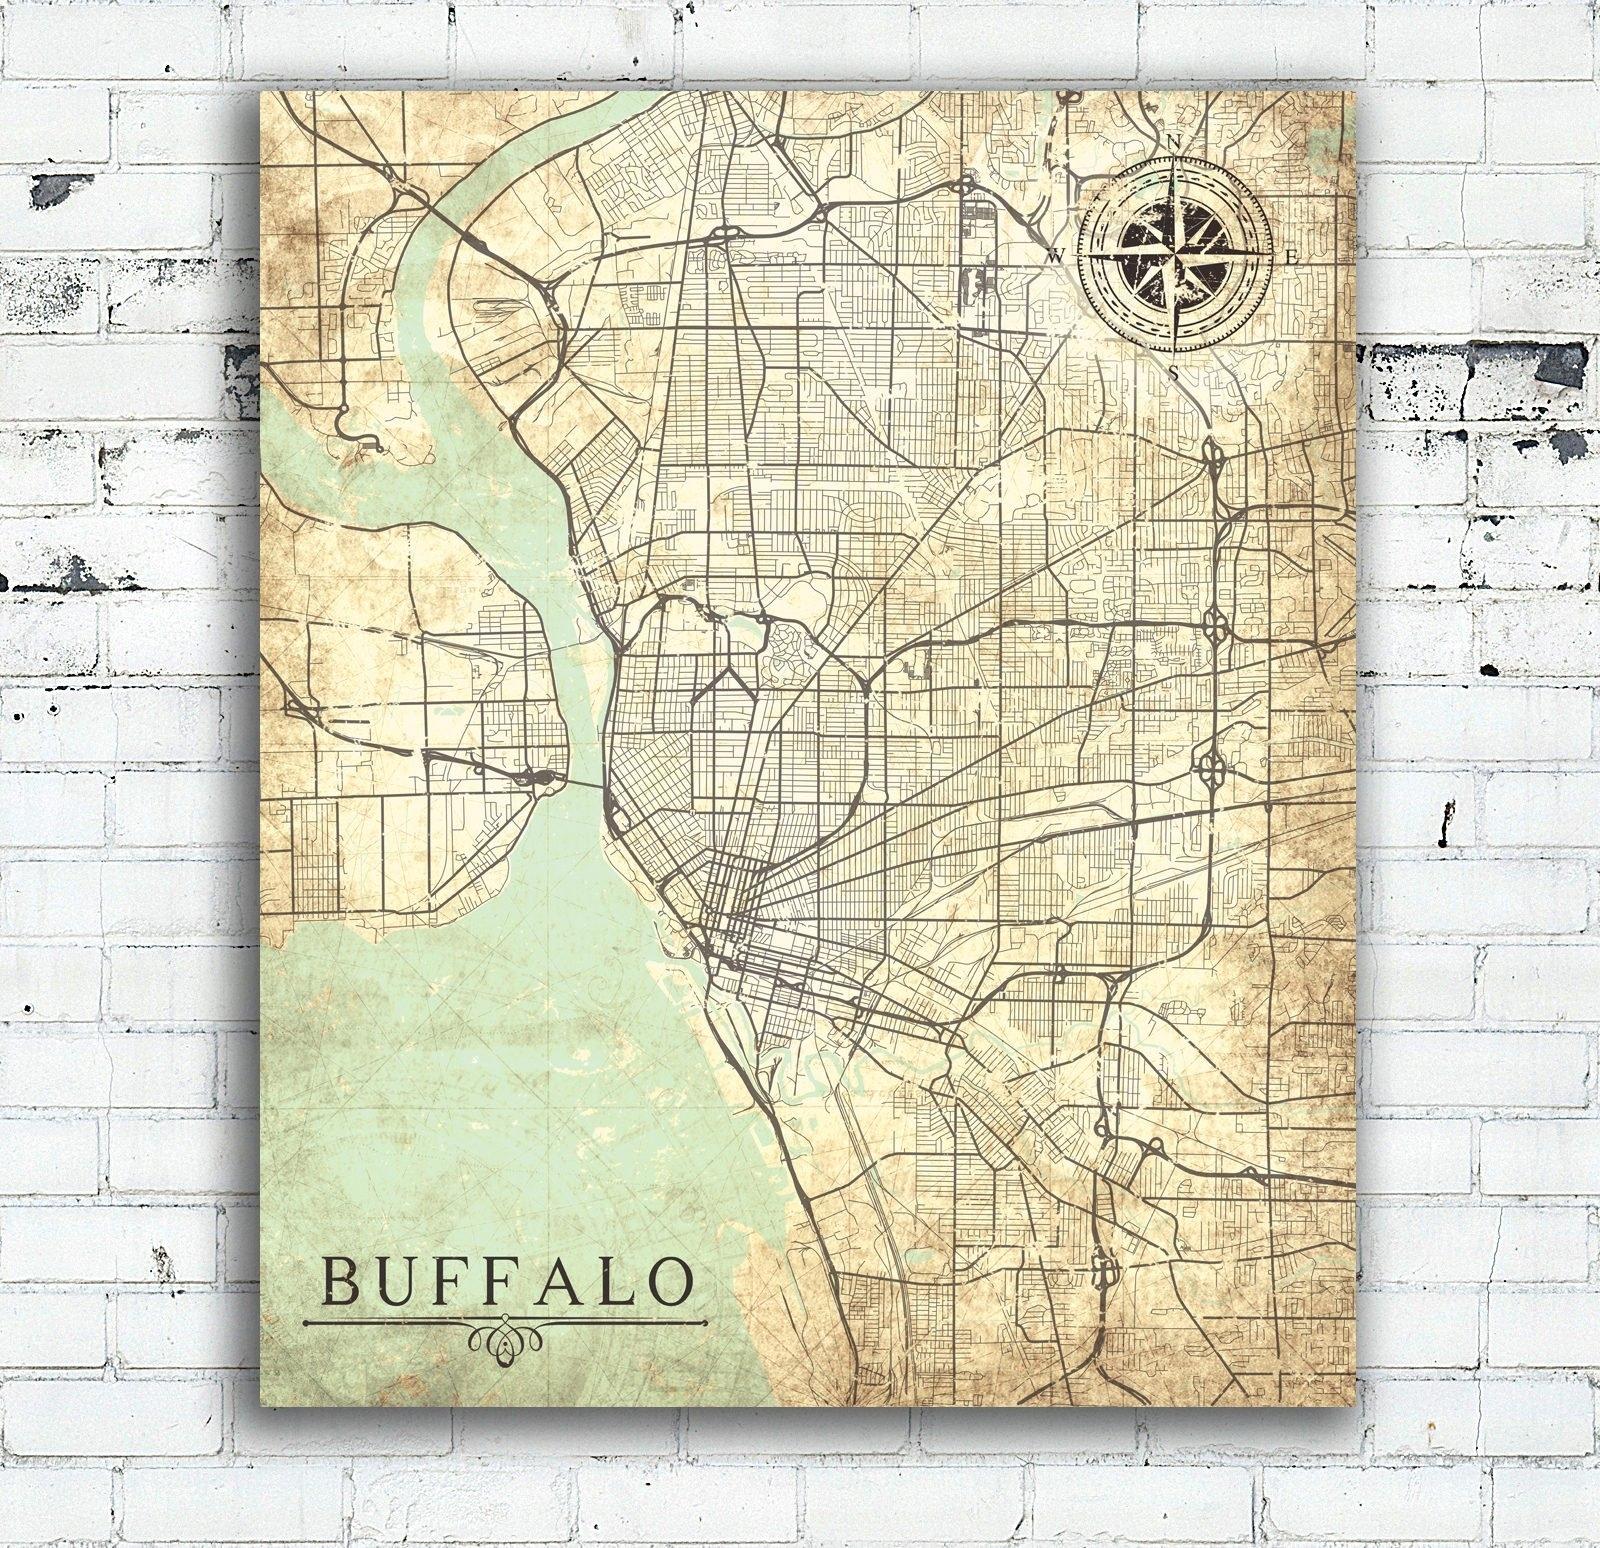 Buffalo Ny Canvas Print Buffalo New York City Map Vintage Map Wall Inside New York City Map Wall Art (View 19 of 20)